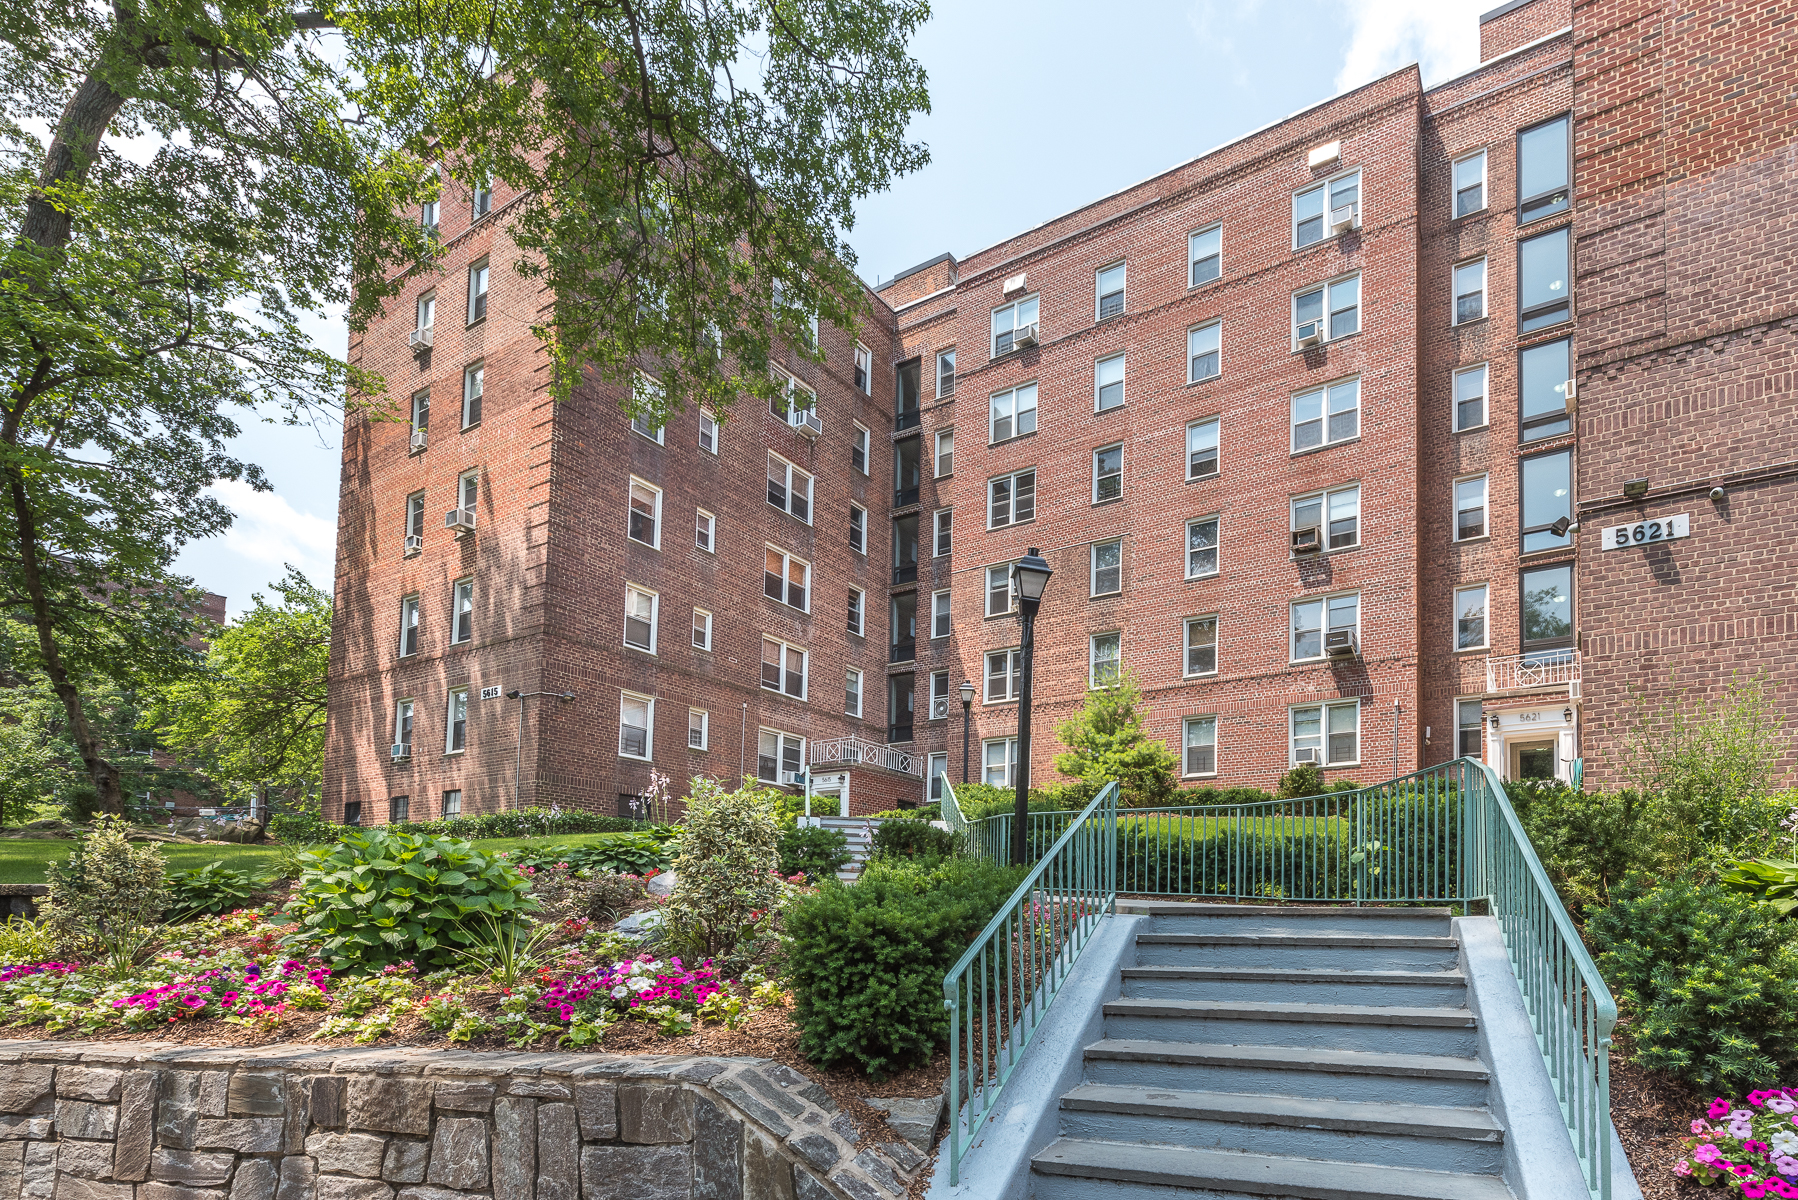 合作公寓 为 销售 在 Large 1 BR with Private Patio 5639 Netherland Avenue 1C 里弗代尔, 纽约州, 10471 美国